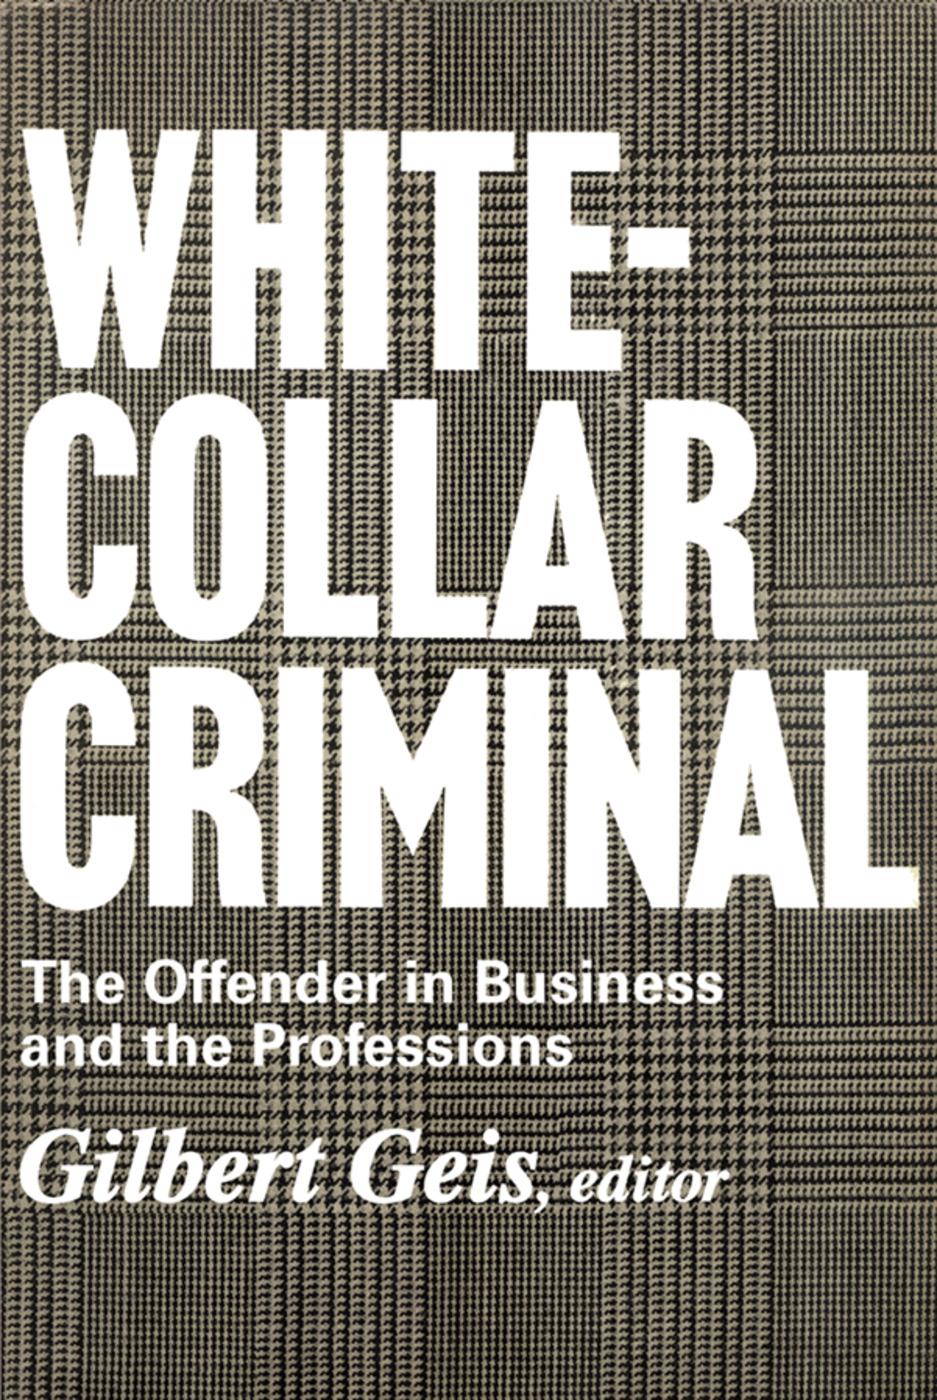 101 British White-Collar Criminals